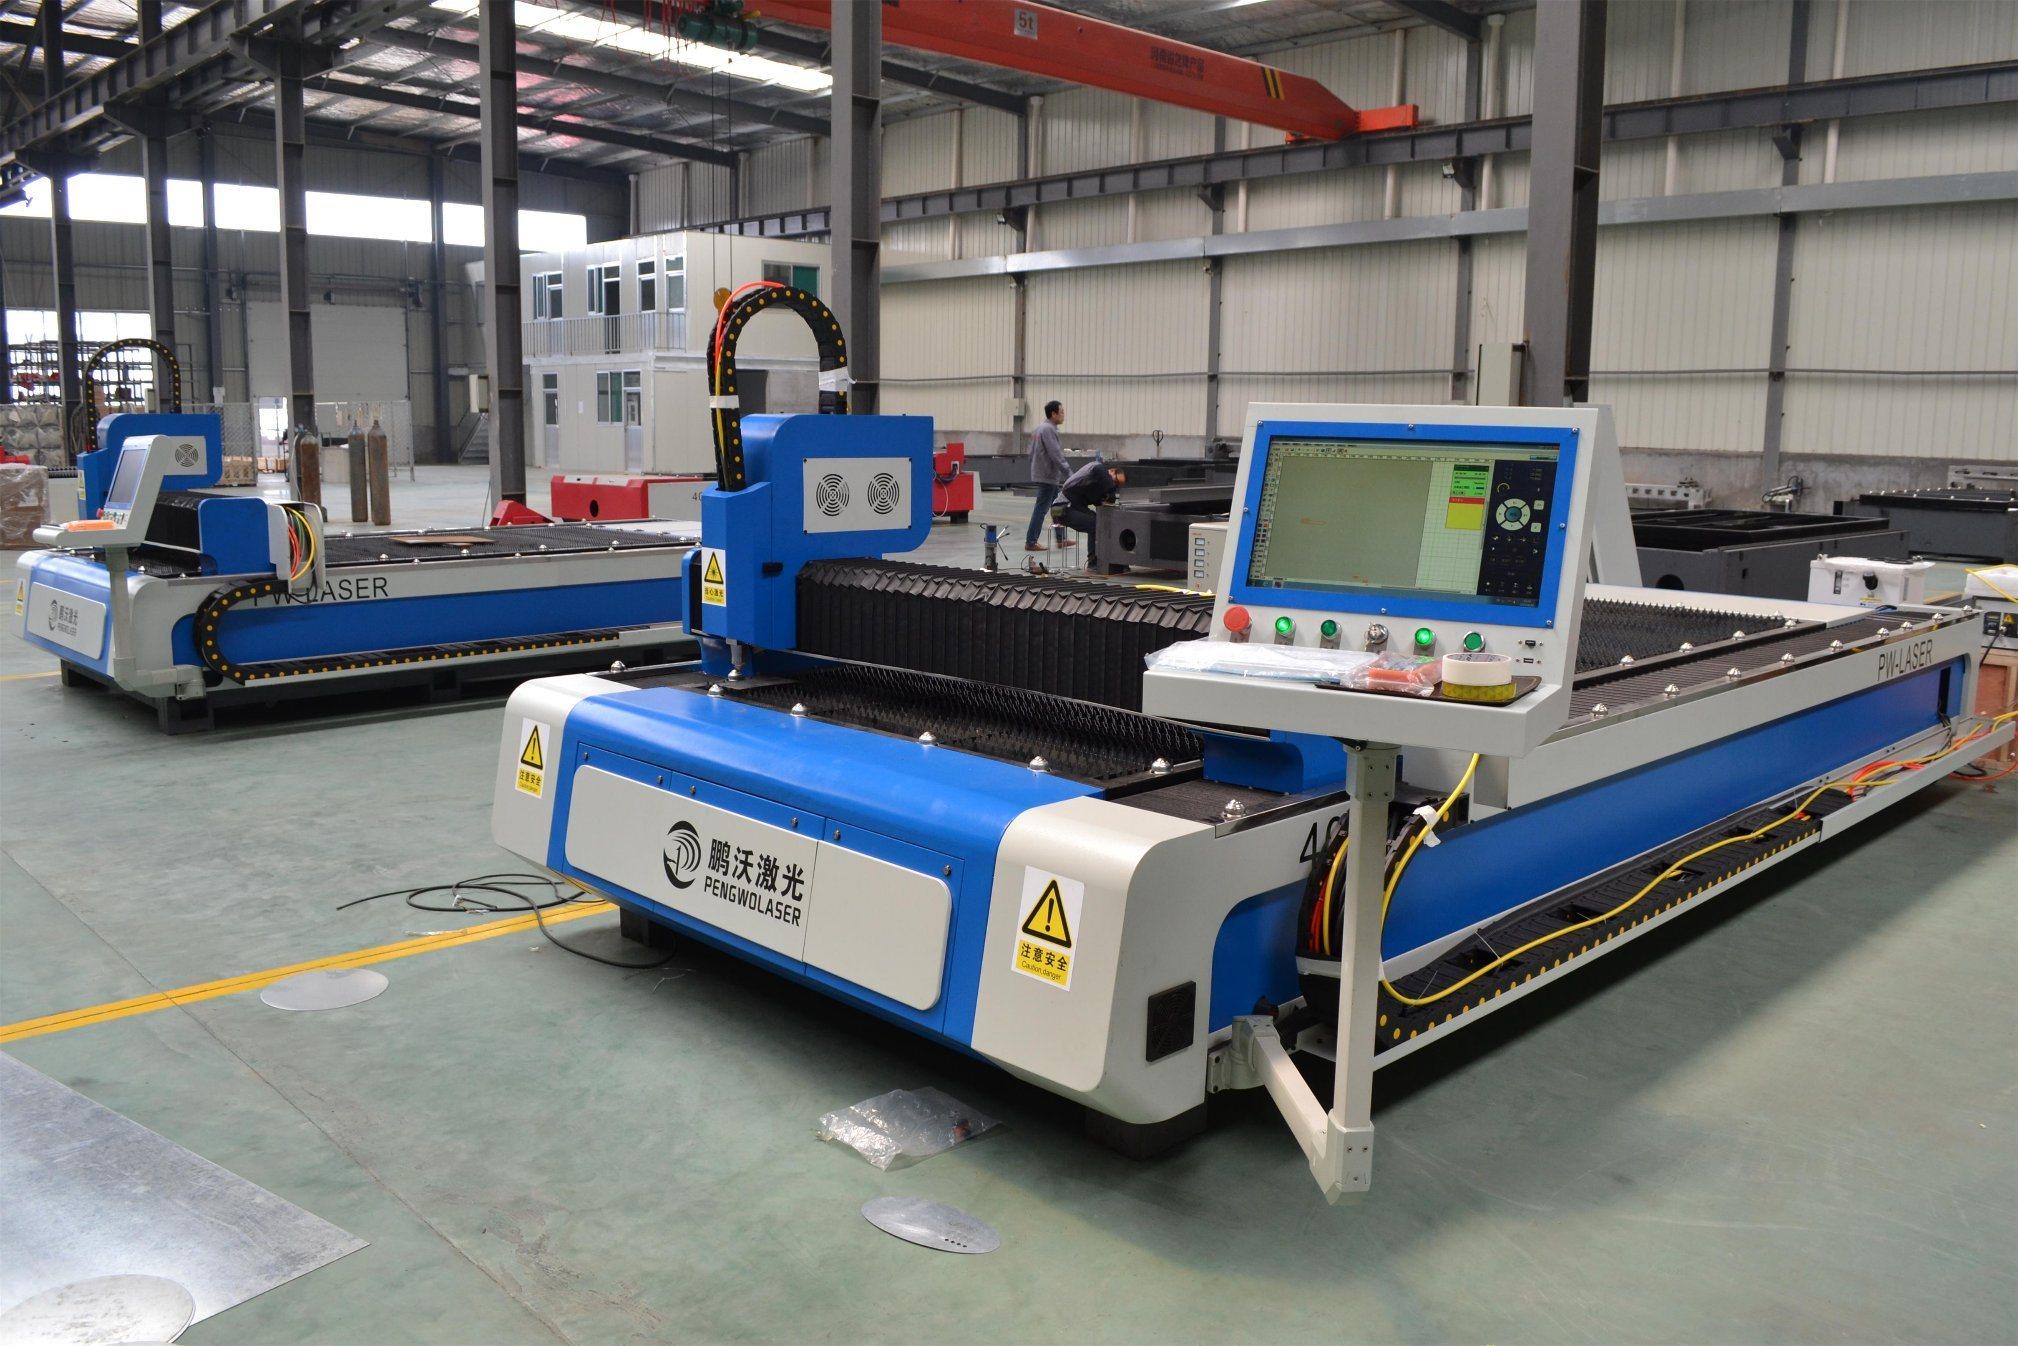 Laser Cutter Machine Supplier in China